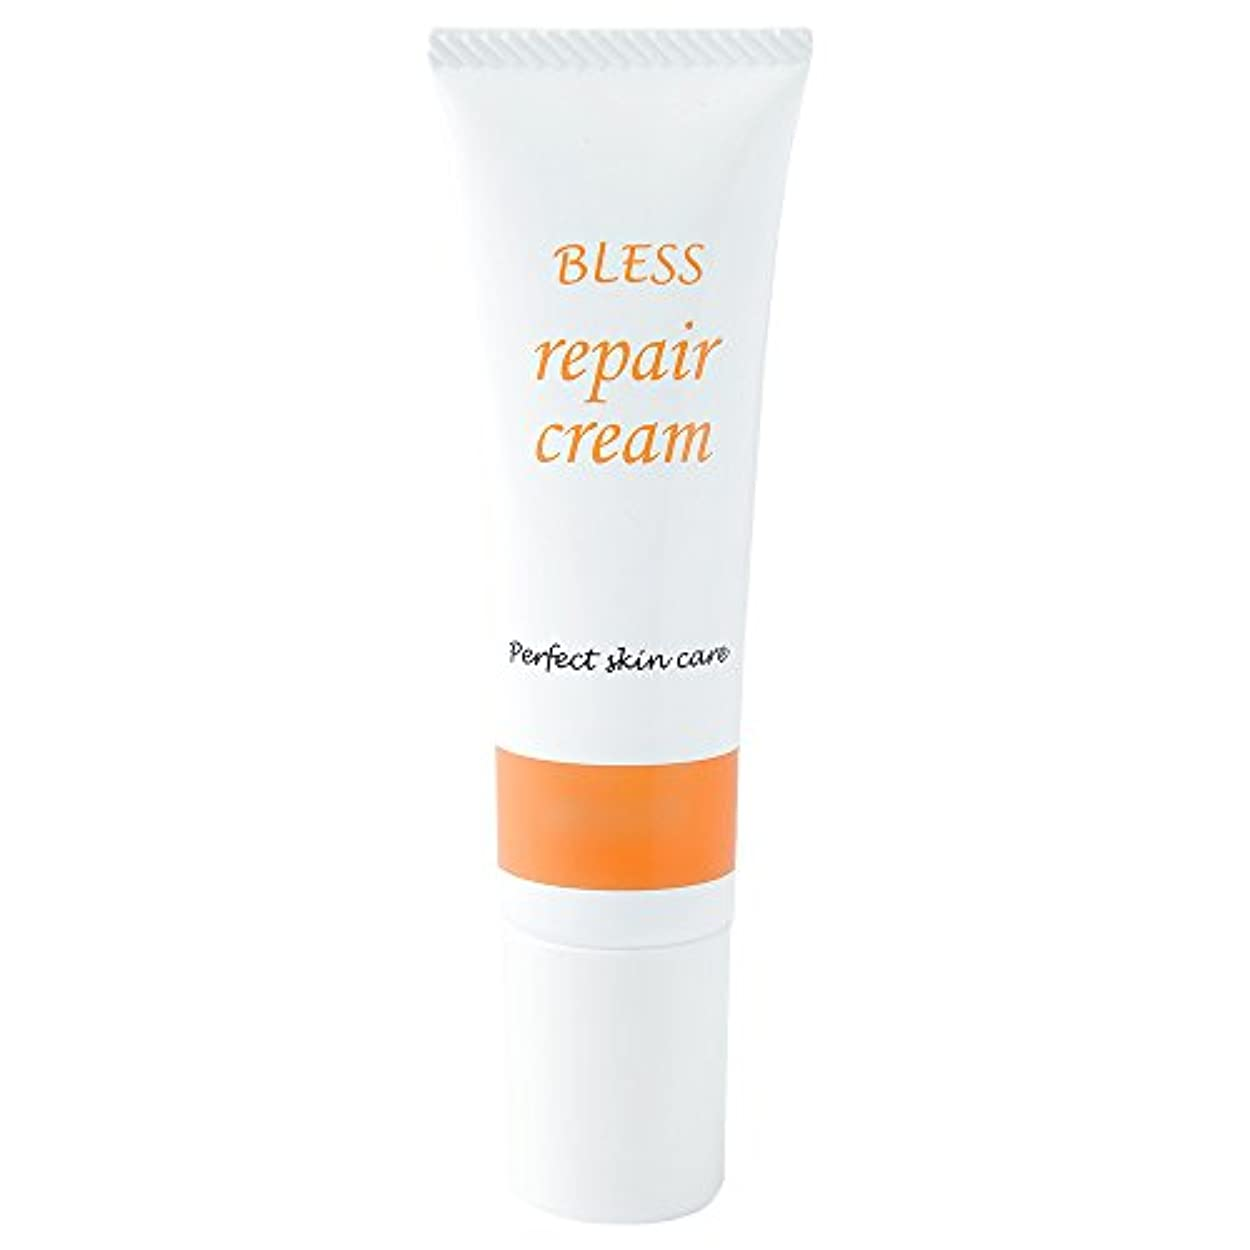 方法精度説明する【BLESS】 しわ 対策用 エイジング リペアクリーム 30g 無添加 抗シワ評価試験済み製品 日本製 美容液